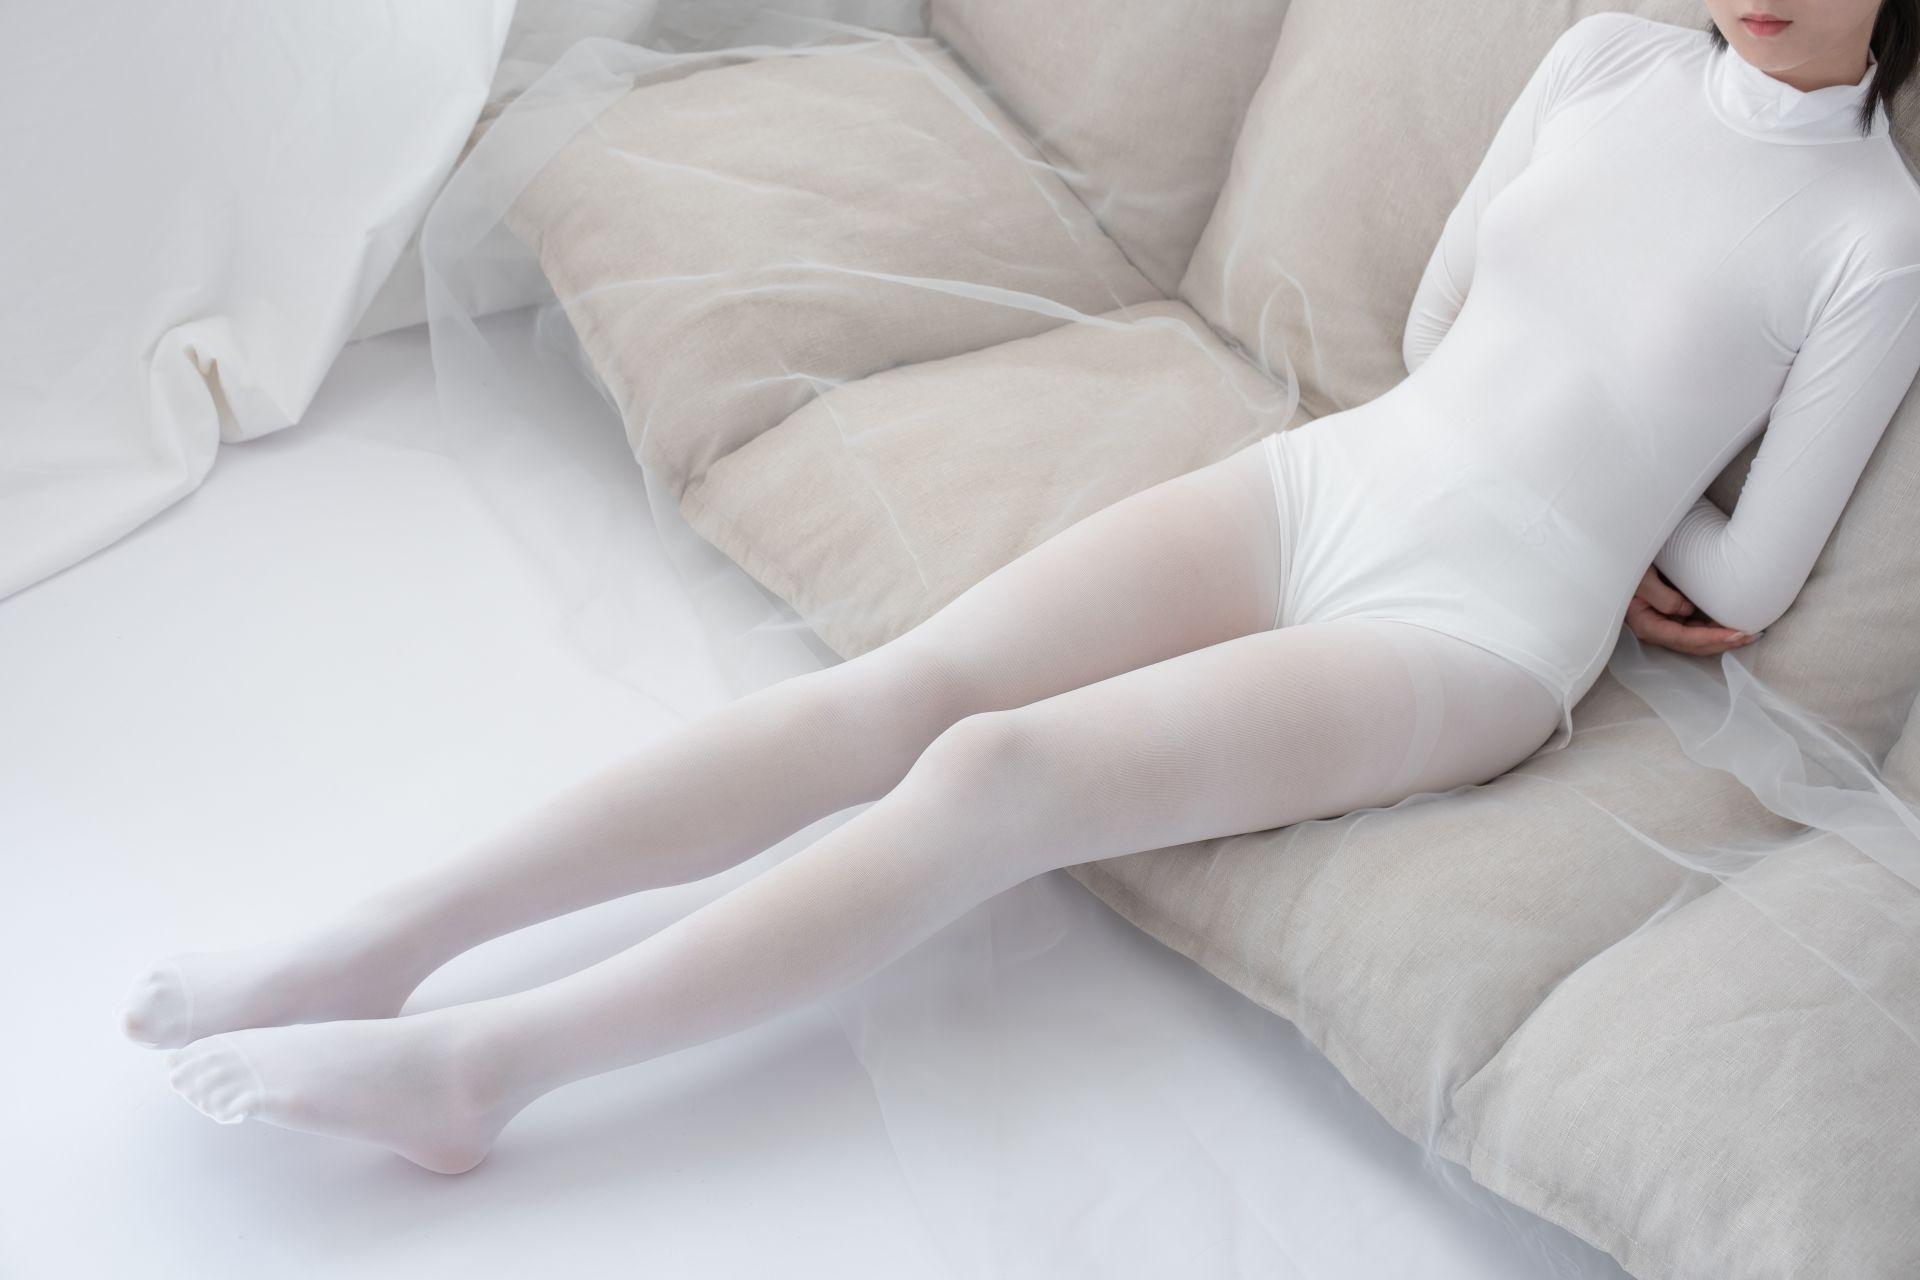 【森萝财团】爱花写真-ALPHA-007 纯白的诱惑 白丝裸足 [156P-1.42GB] 森萝财团 第3张